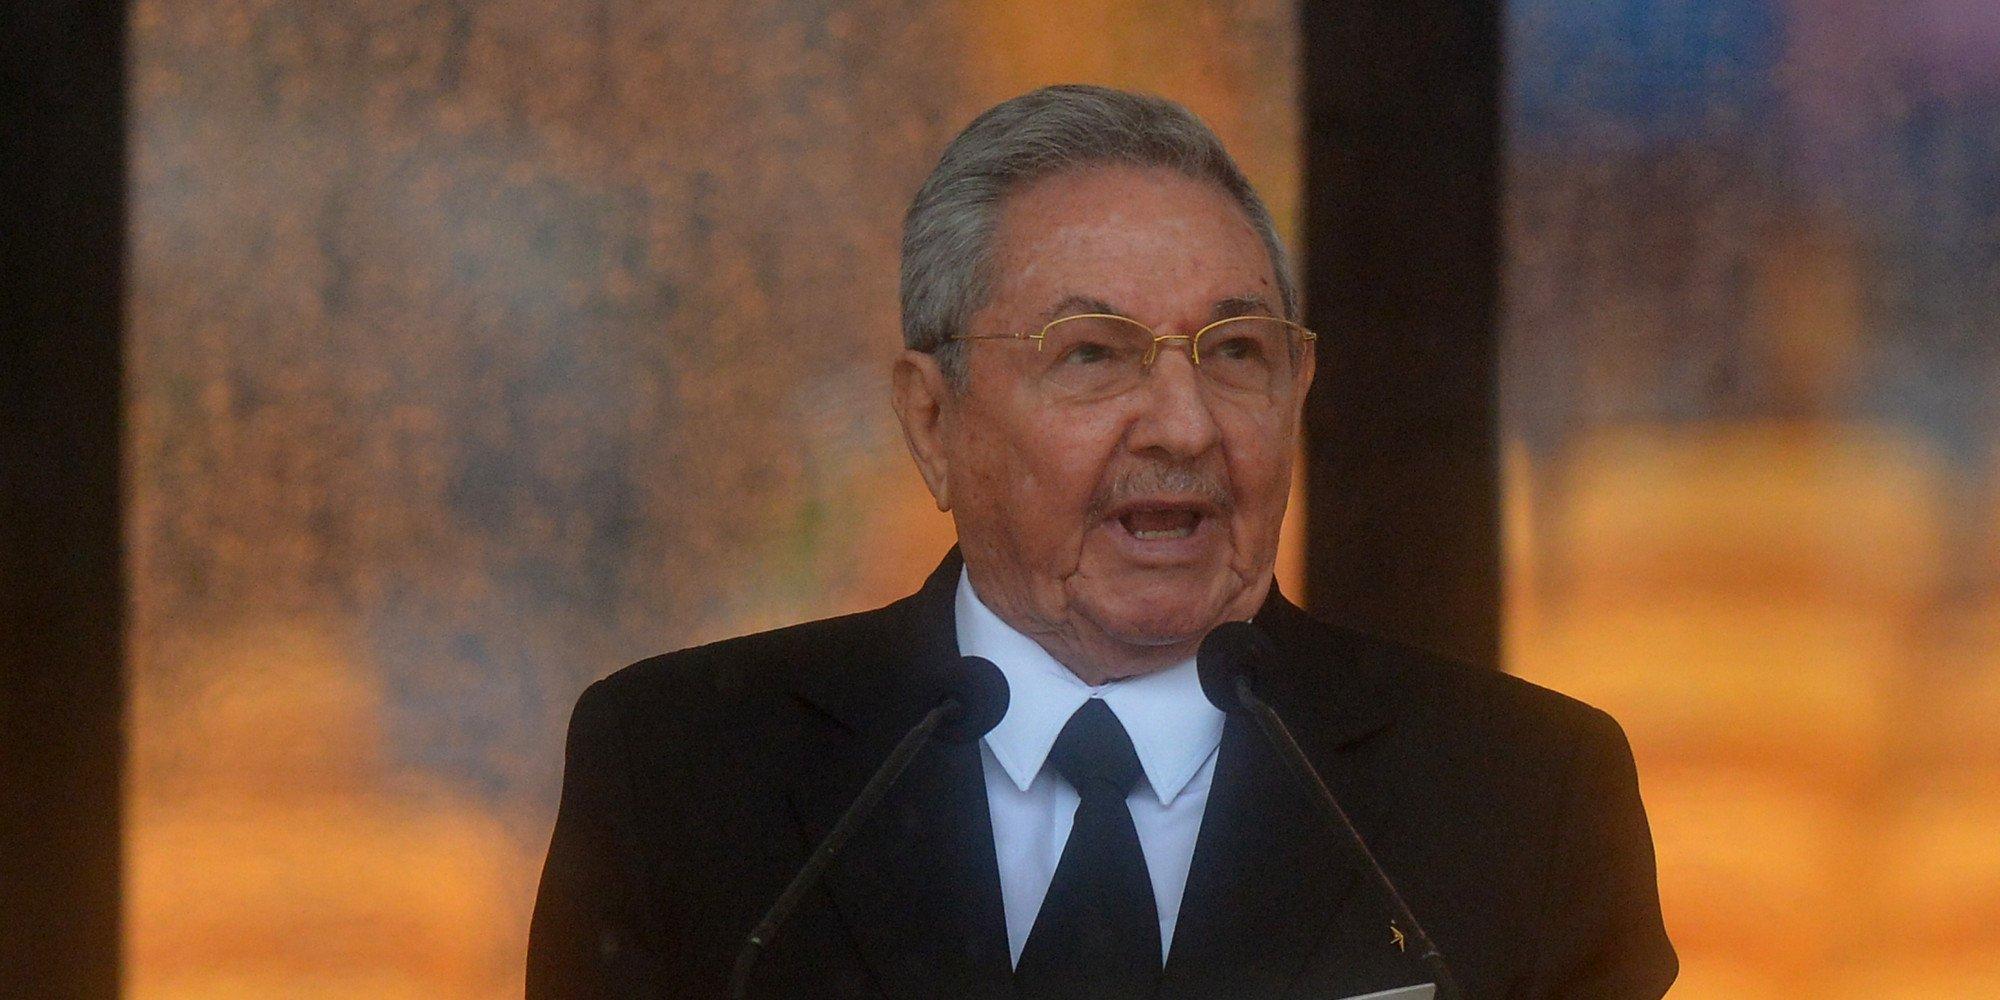 Куба выступает против расширения НАТО вевропейских странах иантироссийских санкций— Кастро